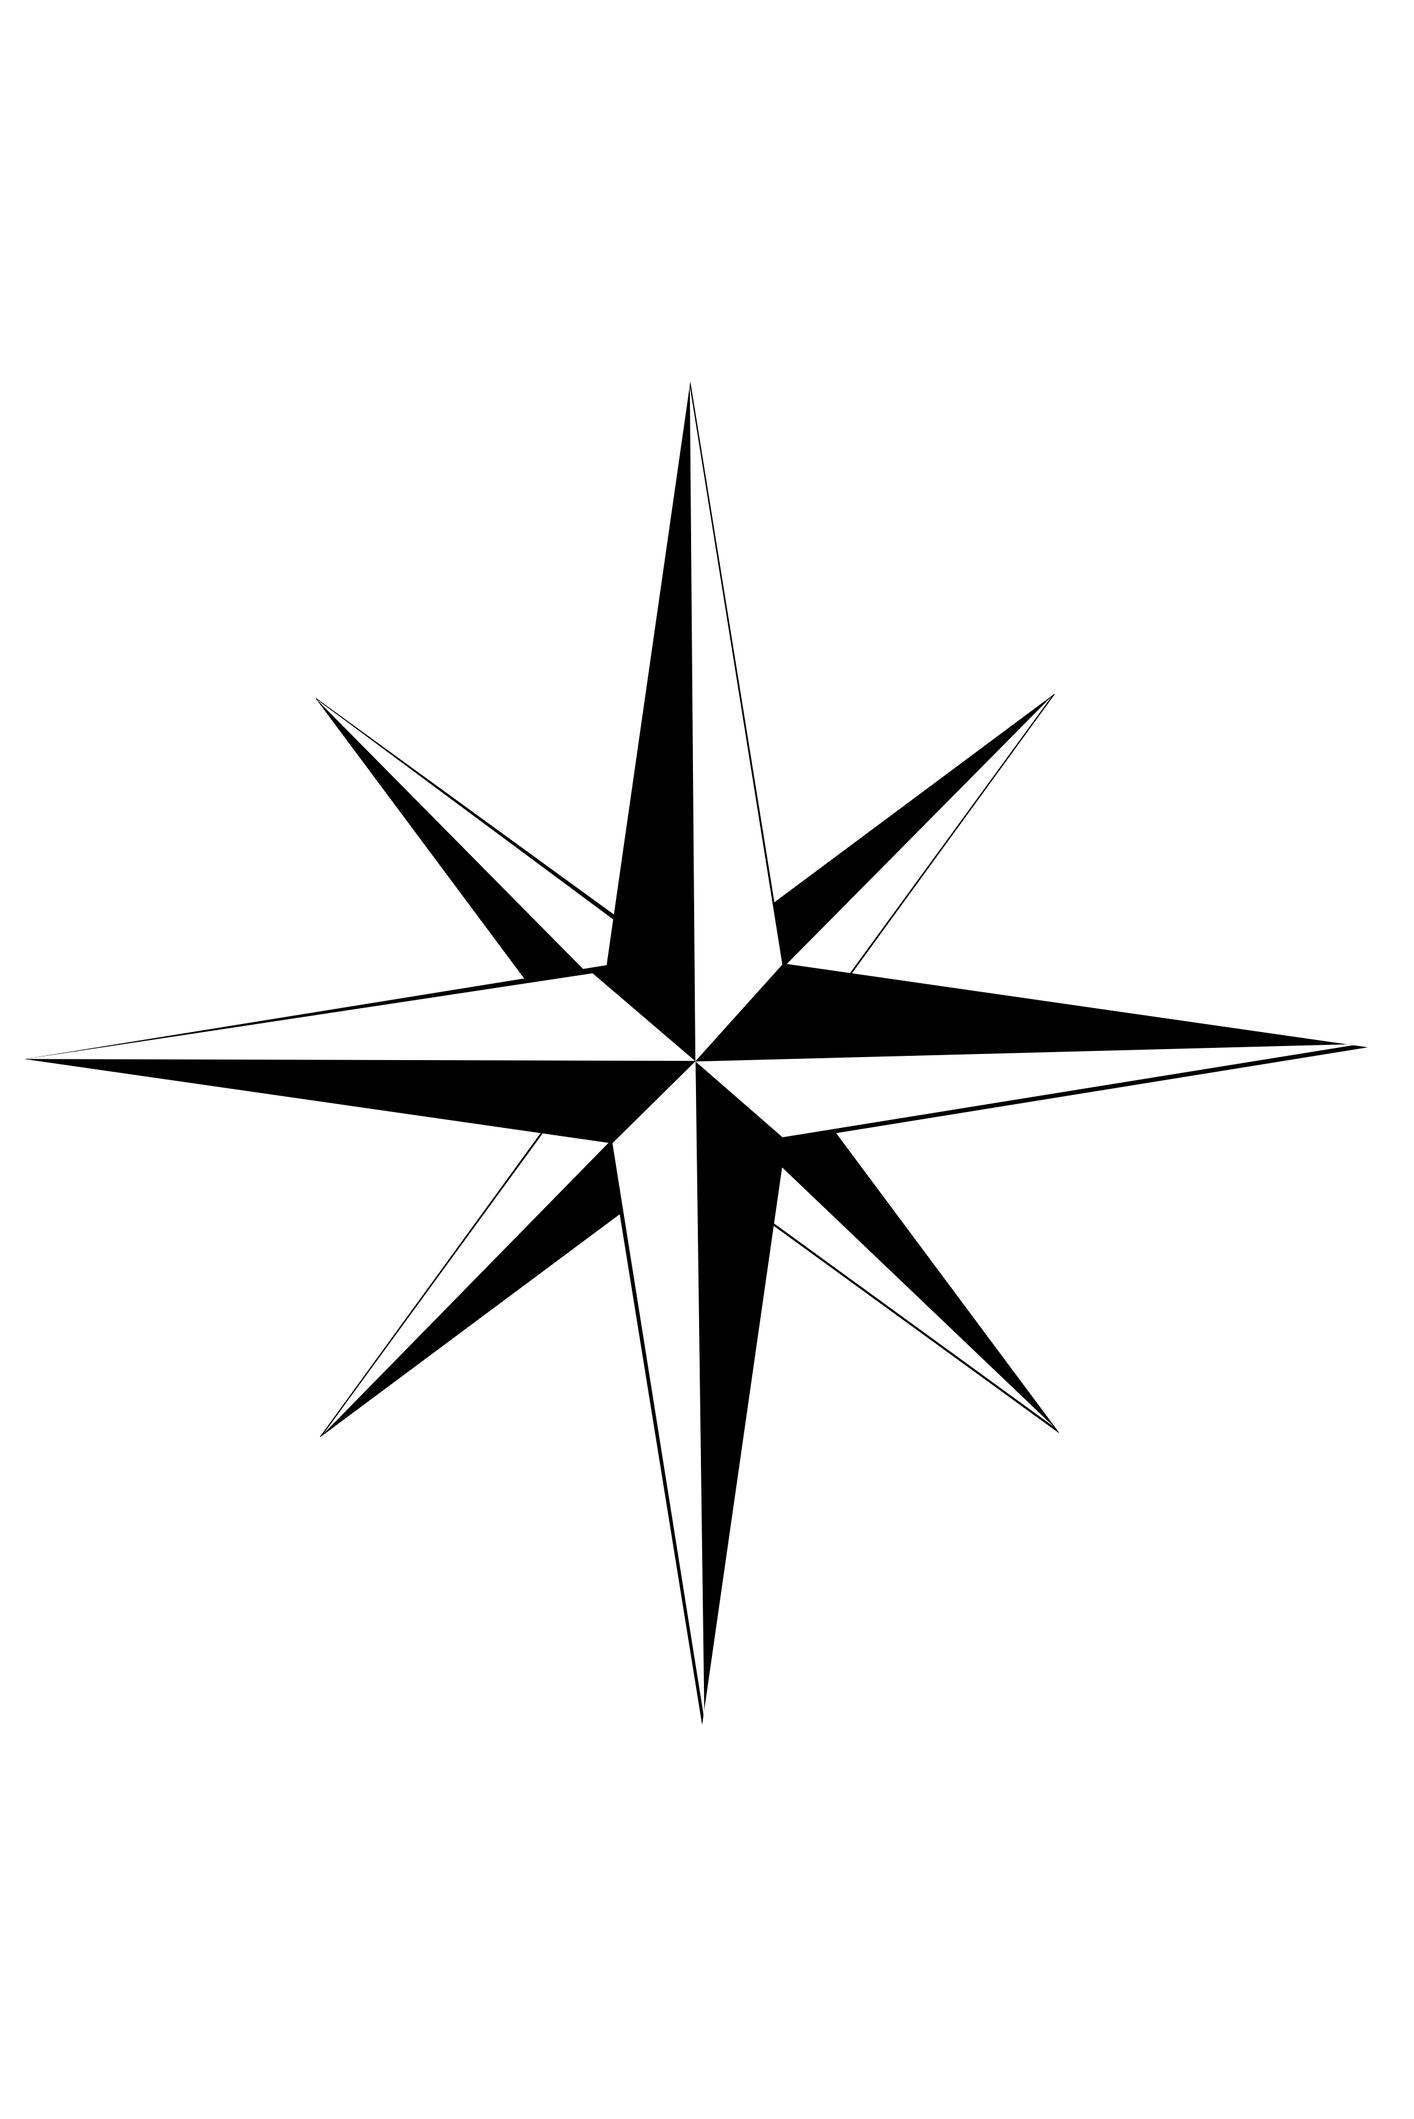 Cardinal Directions Compass Rose